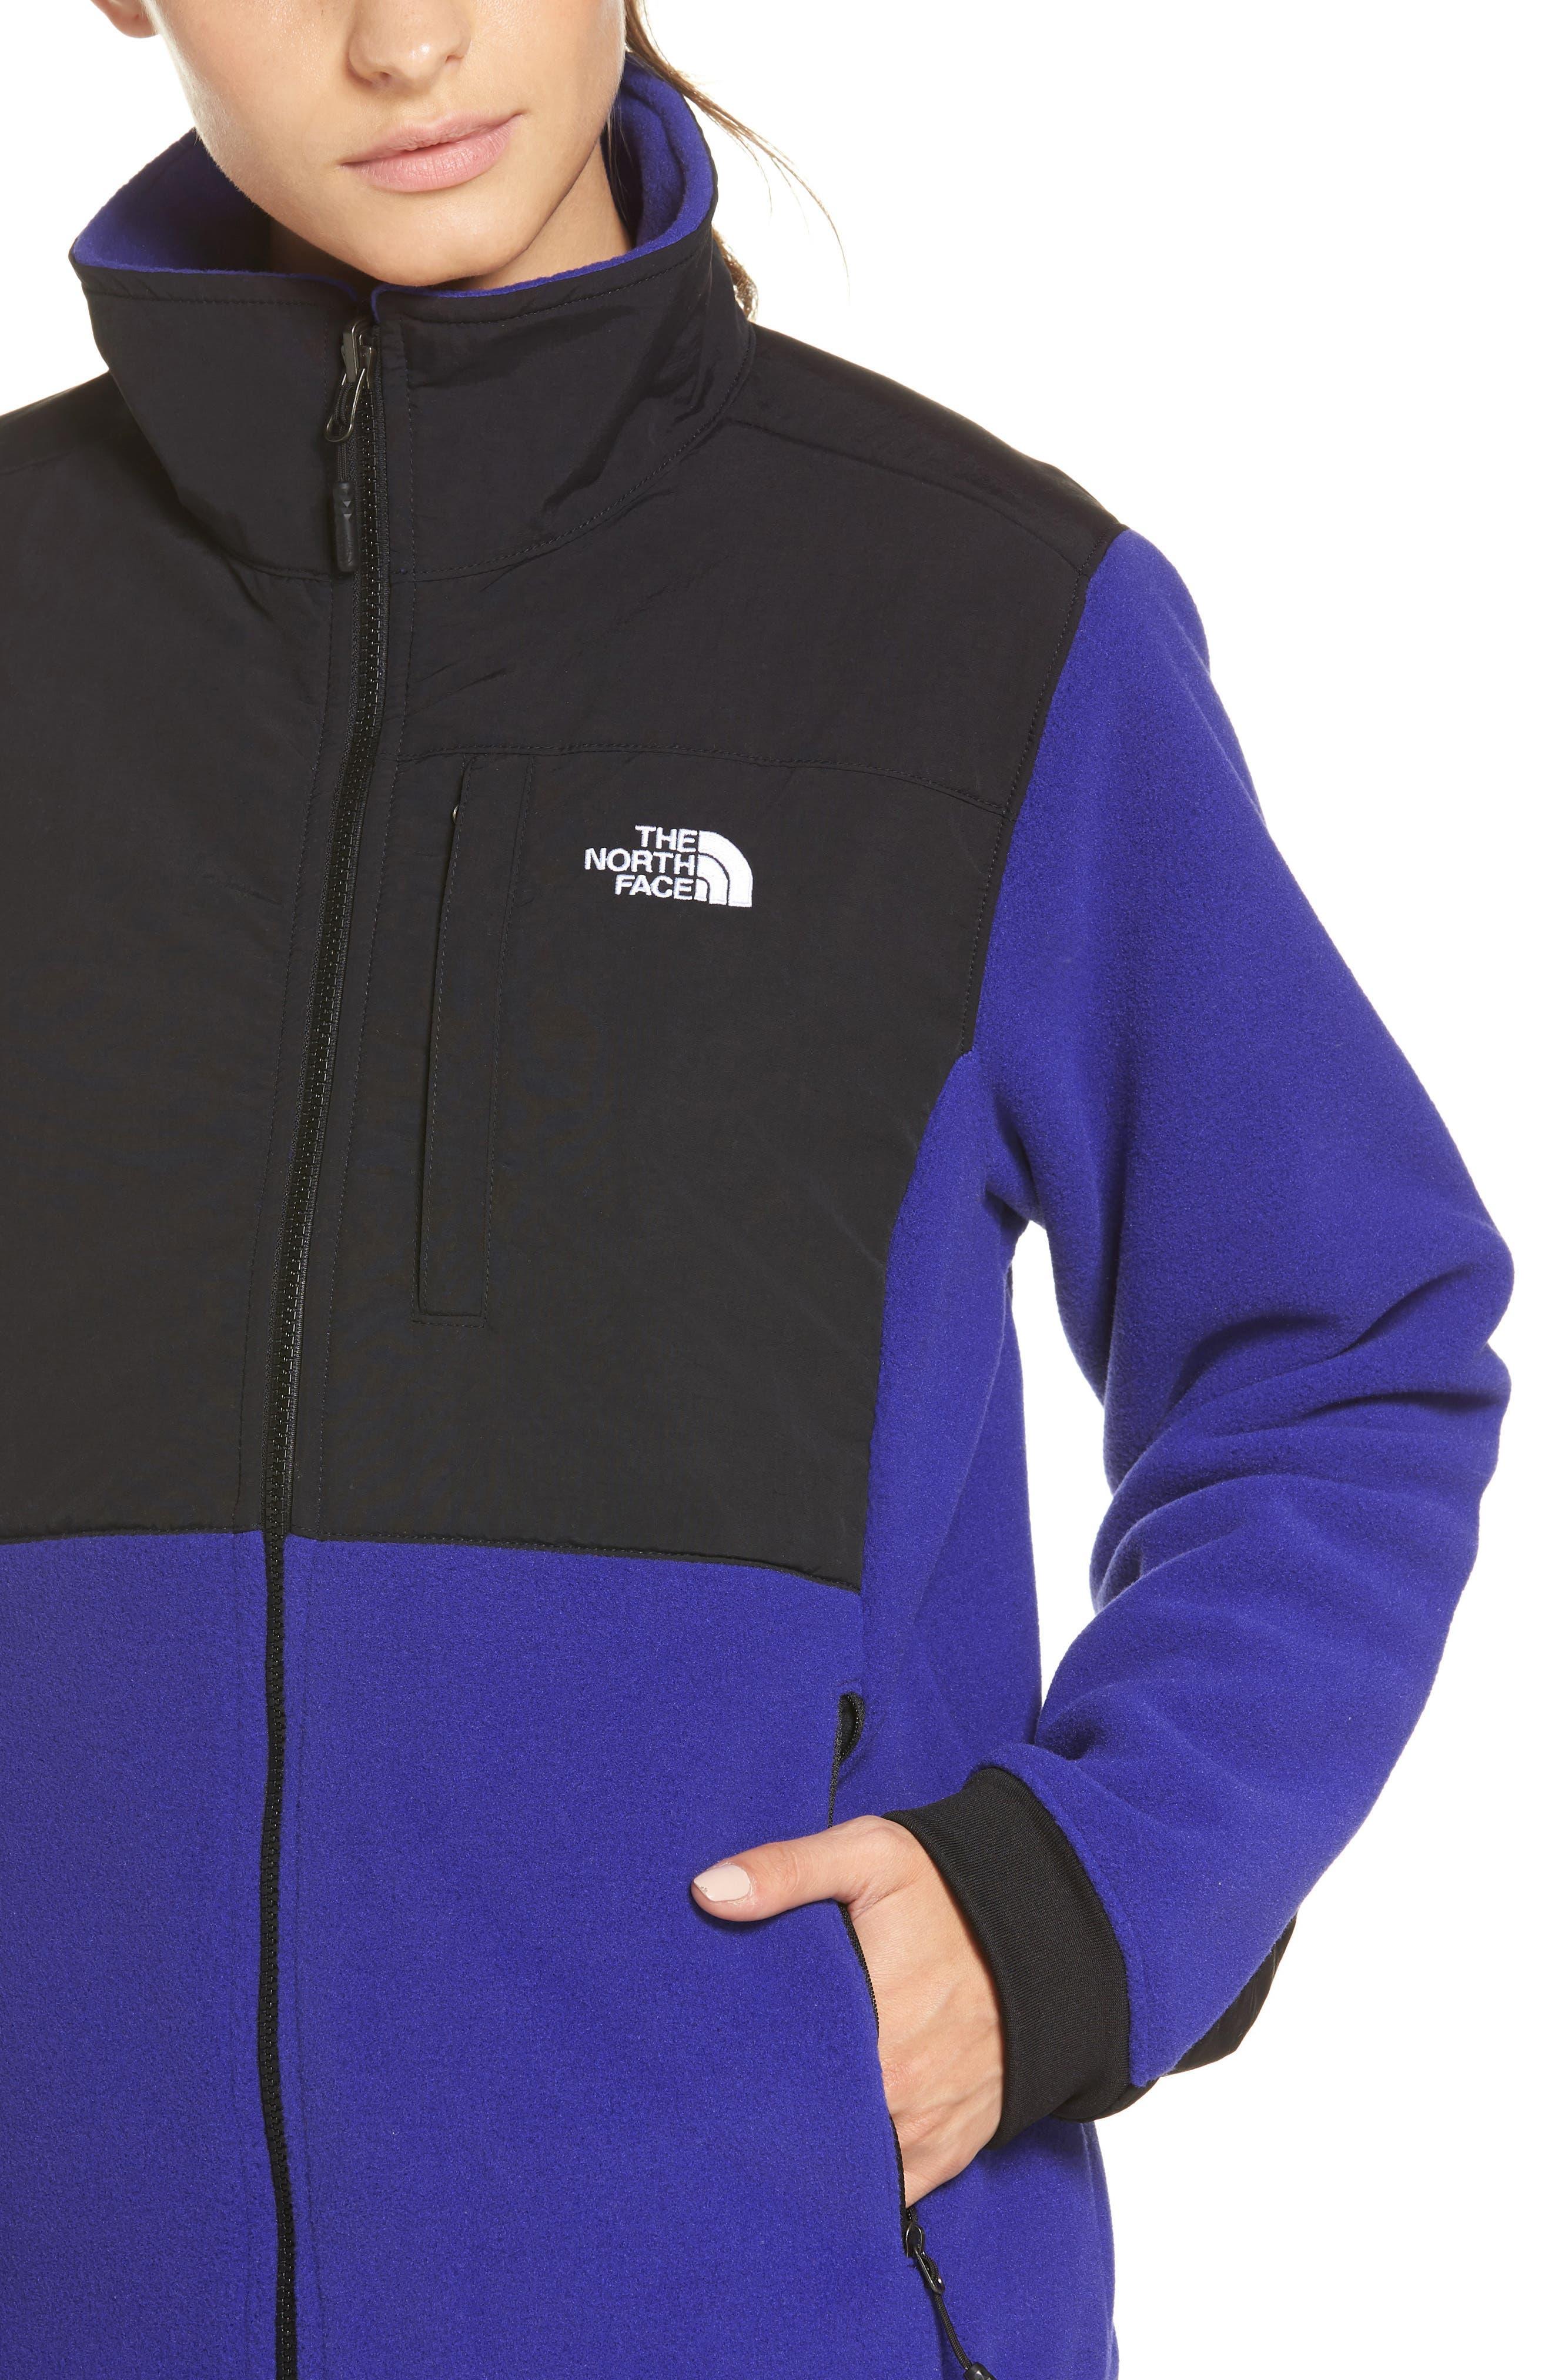 Denali 2 Jacket,                             Alternate thumbnail 4, color,                             LAPIS BLUE/ TNF BLACK